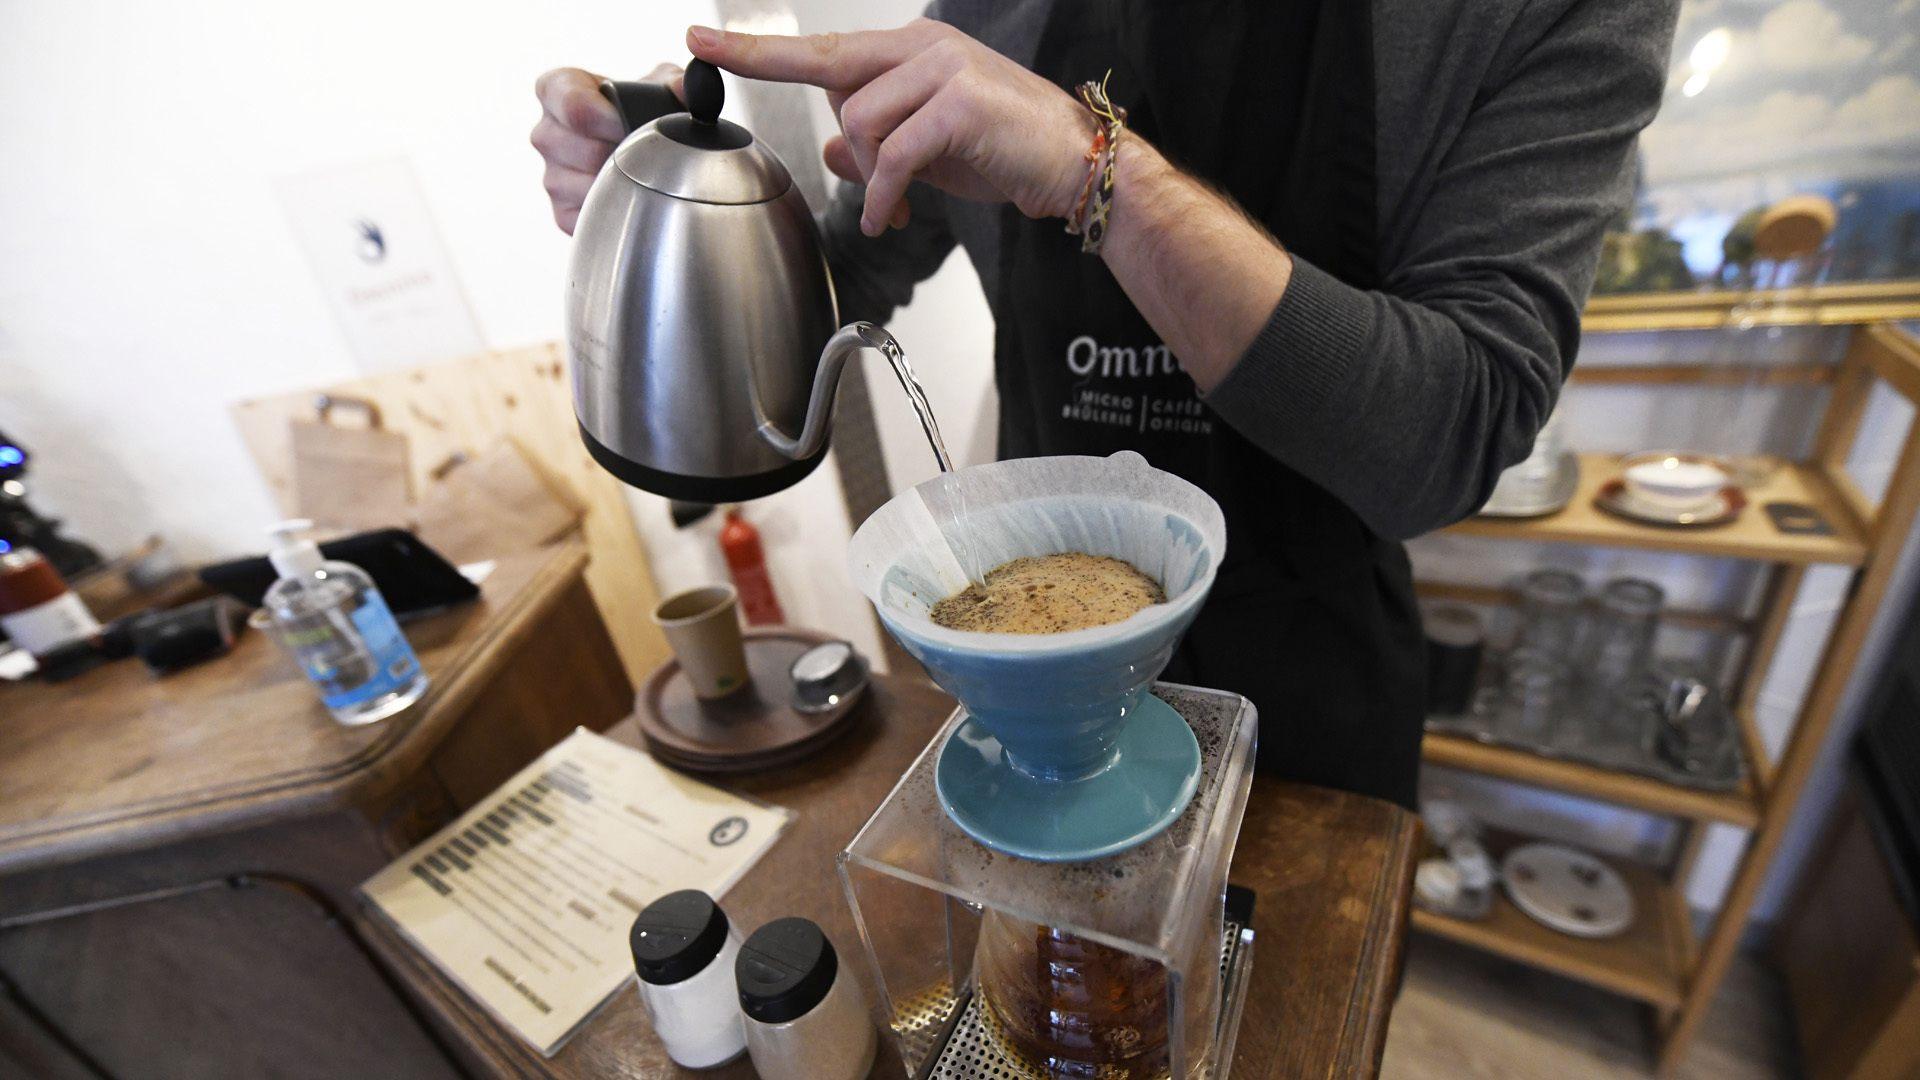 Mulhouse : à la redécouverte du café avec Omnino : un savoir-faire artisanal pour un café dit de spécialité